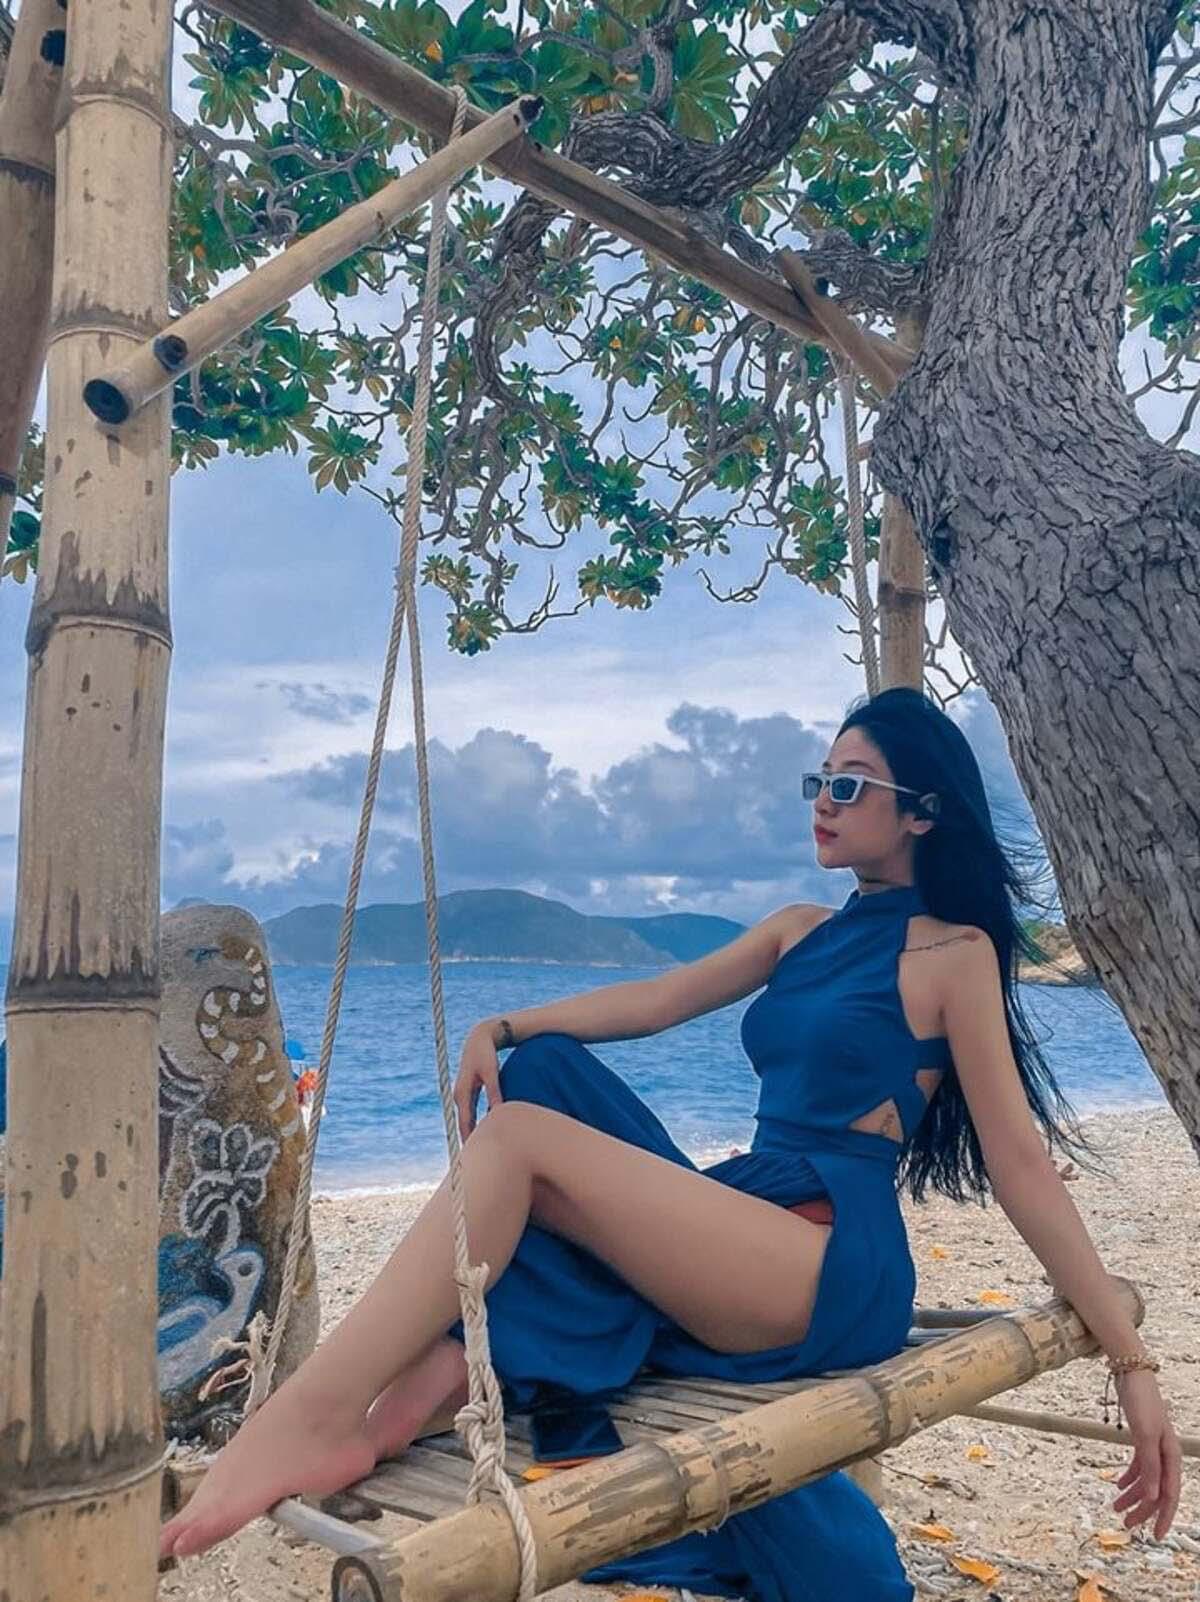 Du lịch Côn Đảo: Tất tần tật thông tin về Côn Đảo bạn không nên bỏ qua - Ảnh 1.